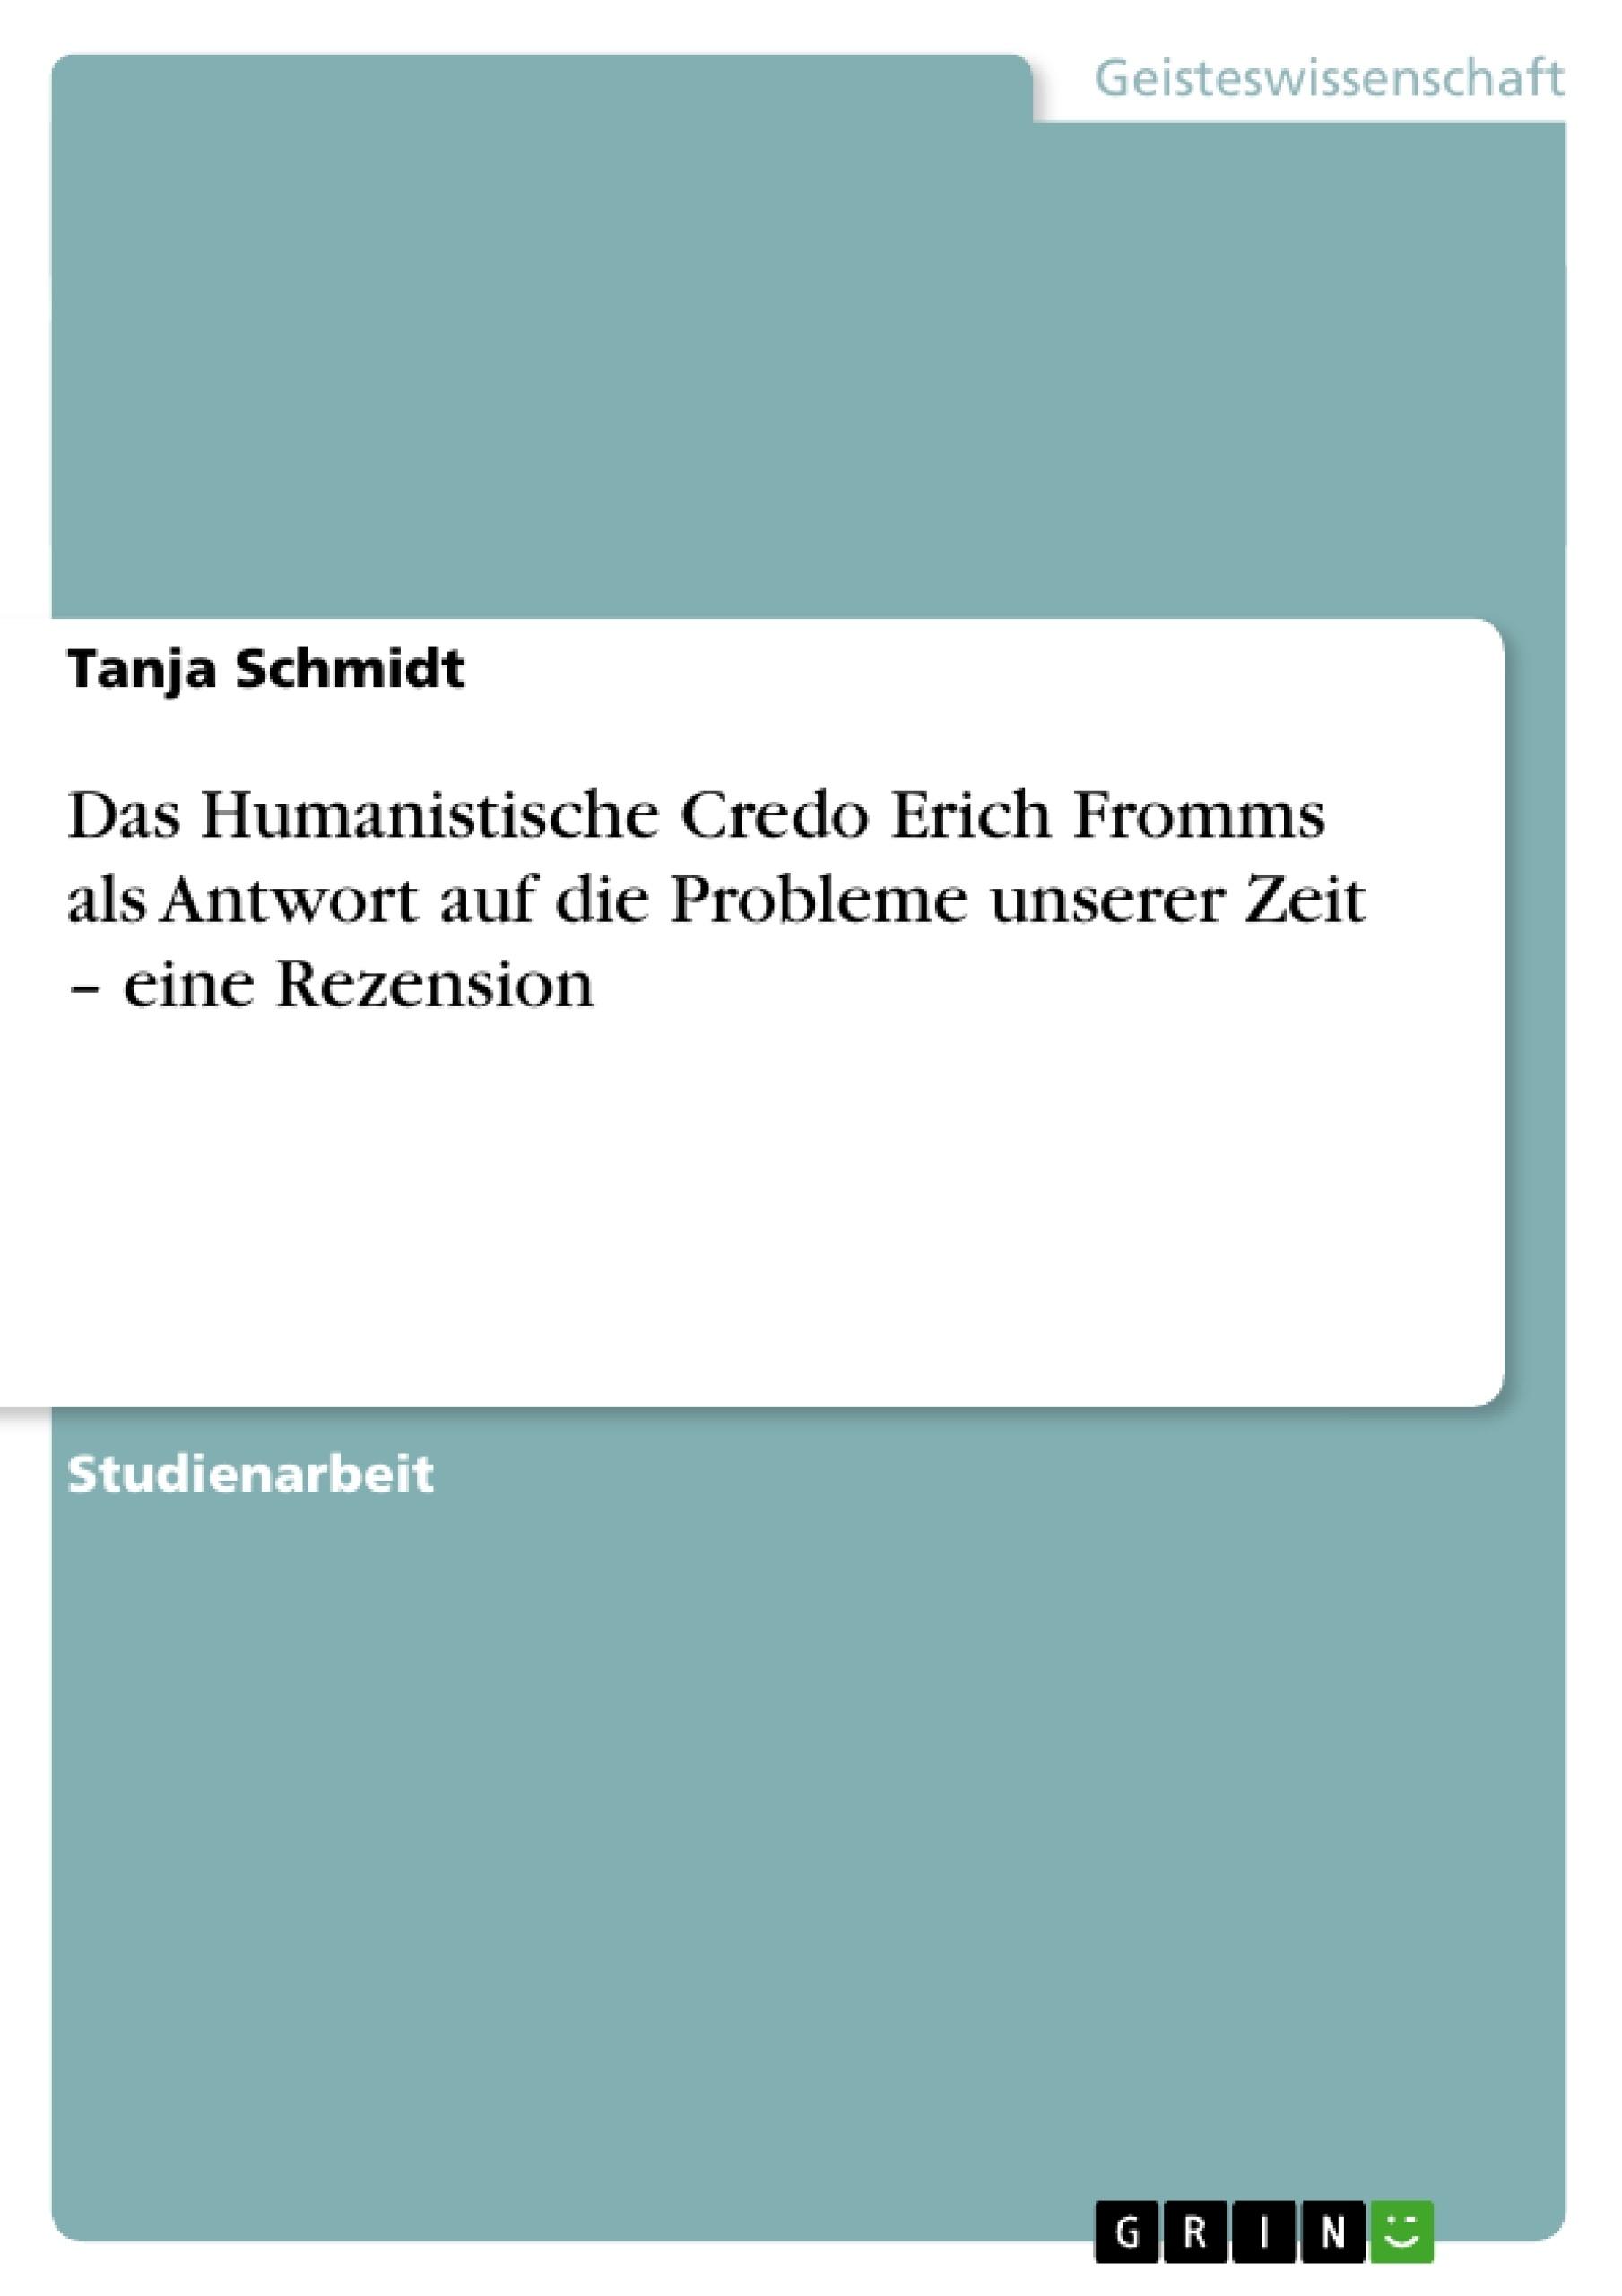 Titel: Das Humanistische Credo Erich Fromms als Antwort auf die Probleme unserer Zeit – eine Rezension